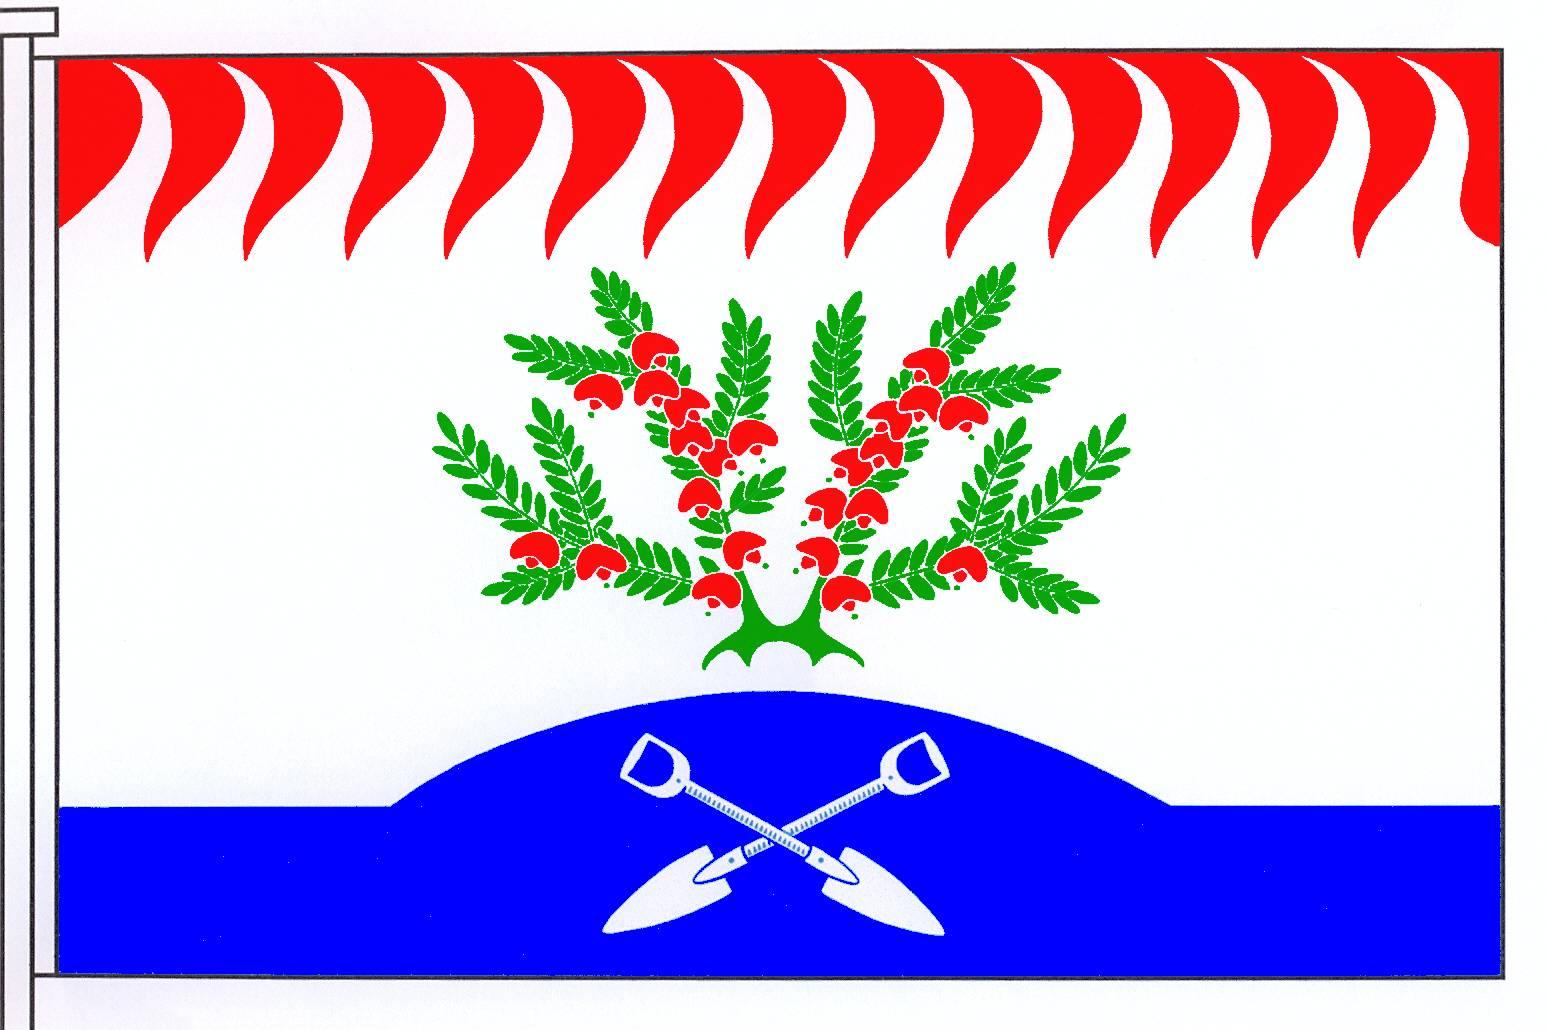 Flagge GemeindeHeidmoor, Kreis Segeberg